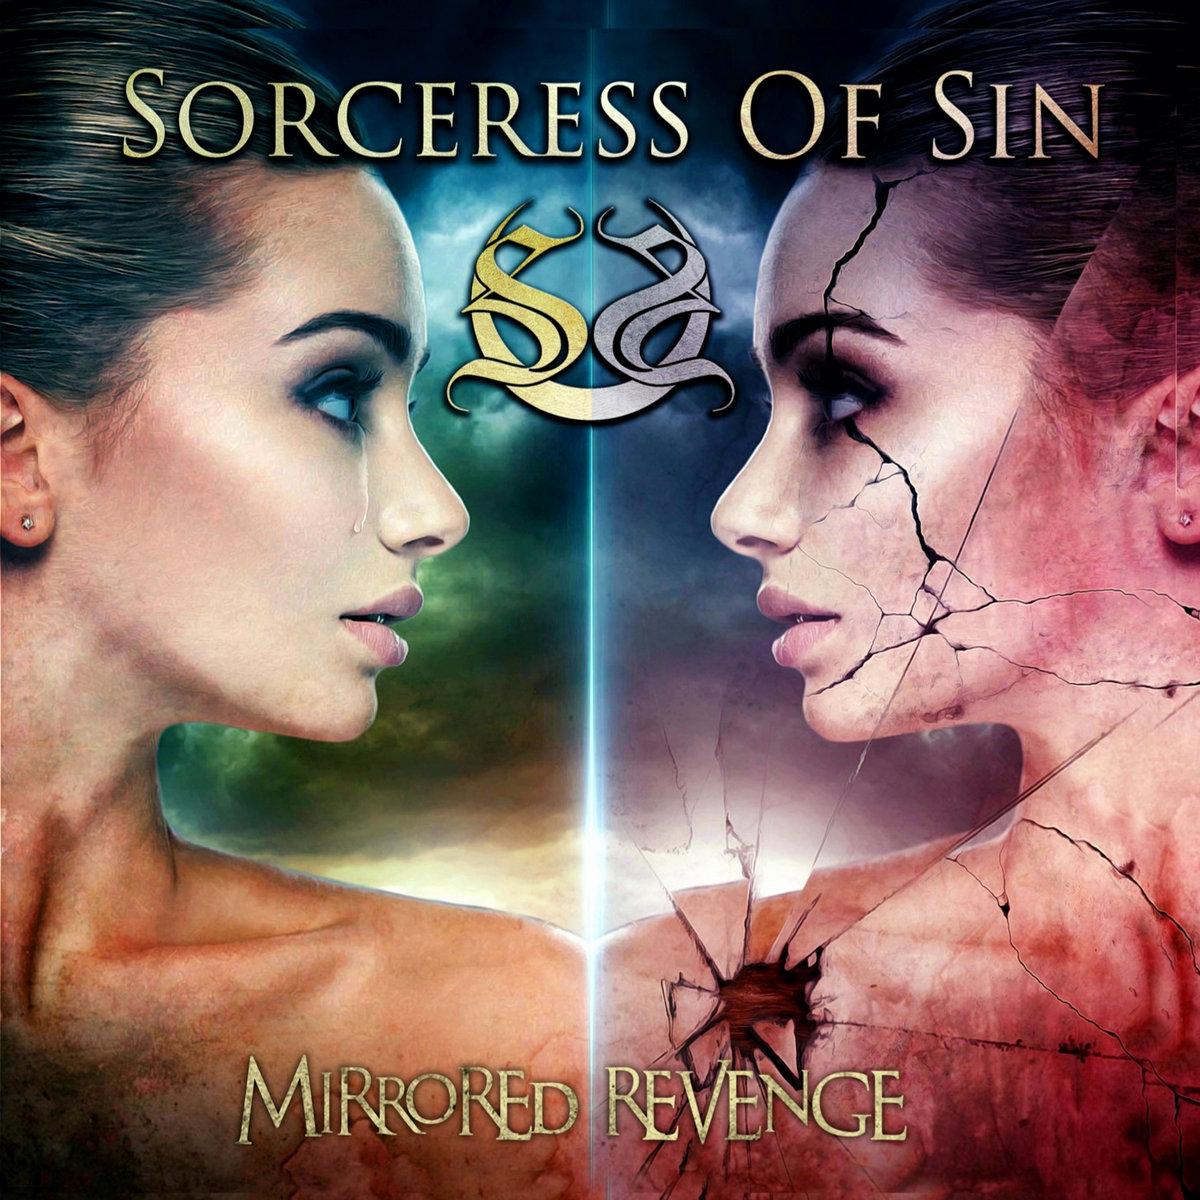 Mirrored Revenge Sorceress of Sin Album Cover Artwork 2020